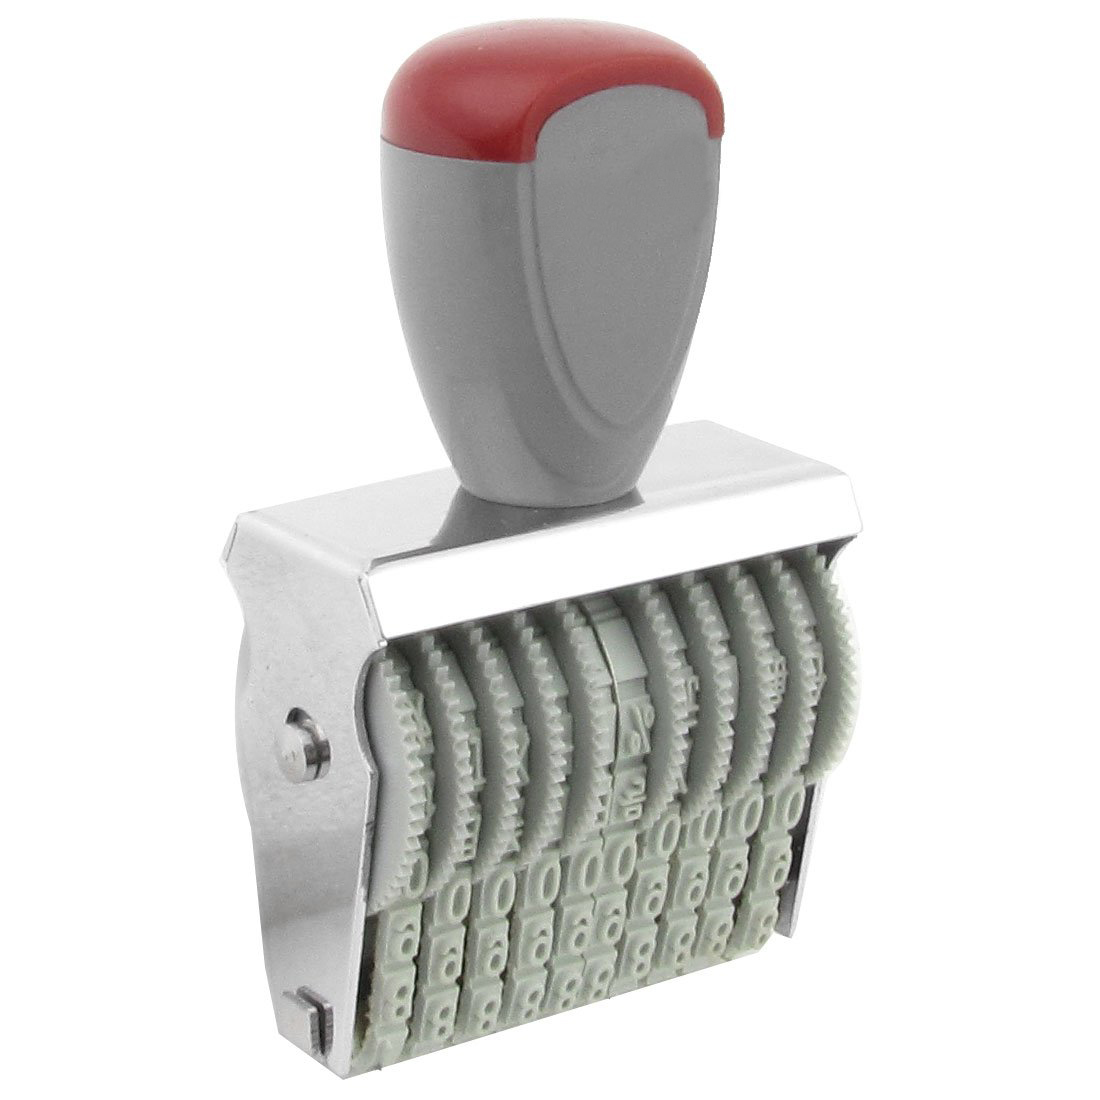 5x bureau 10 bande caoutchouc 0 9 numeros numerotation sceau gris rouge wt ebay. Black Bedroom Furniture Sets. Home Design Ideas